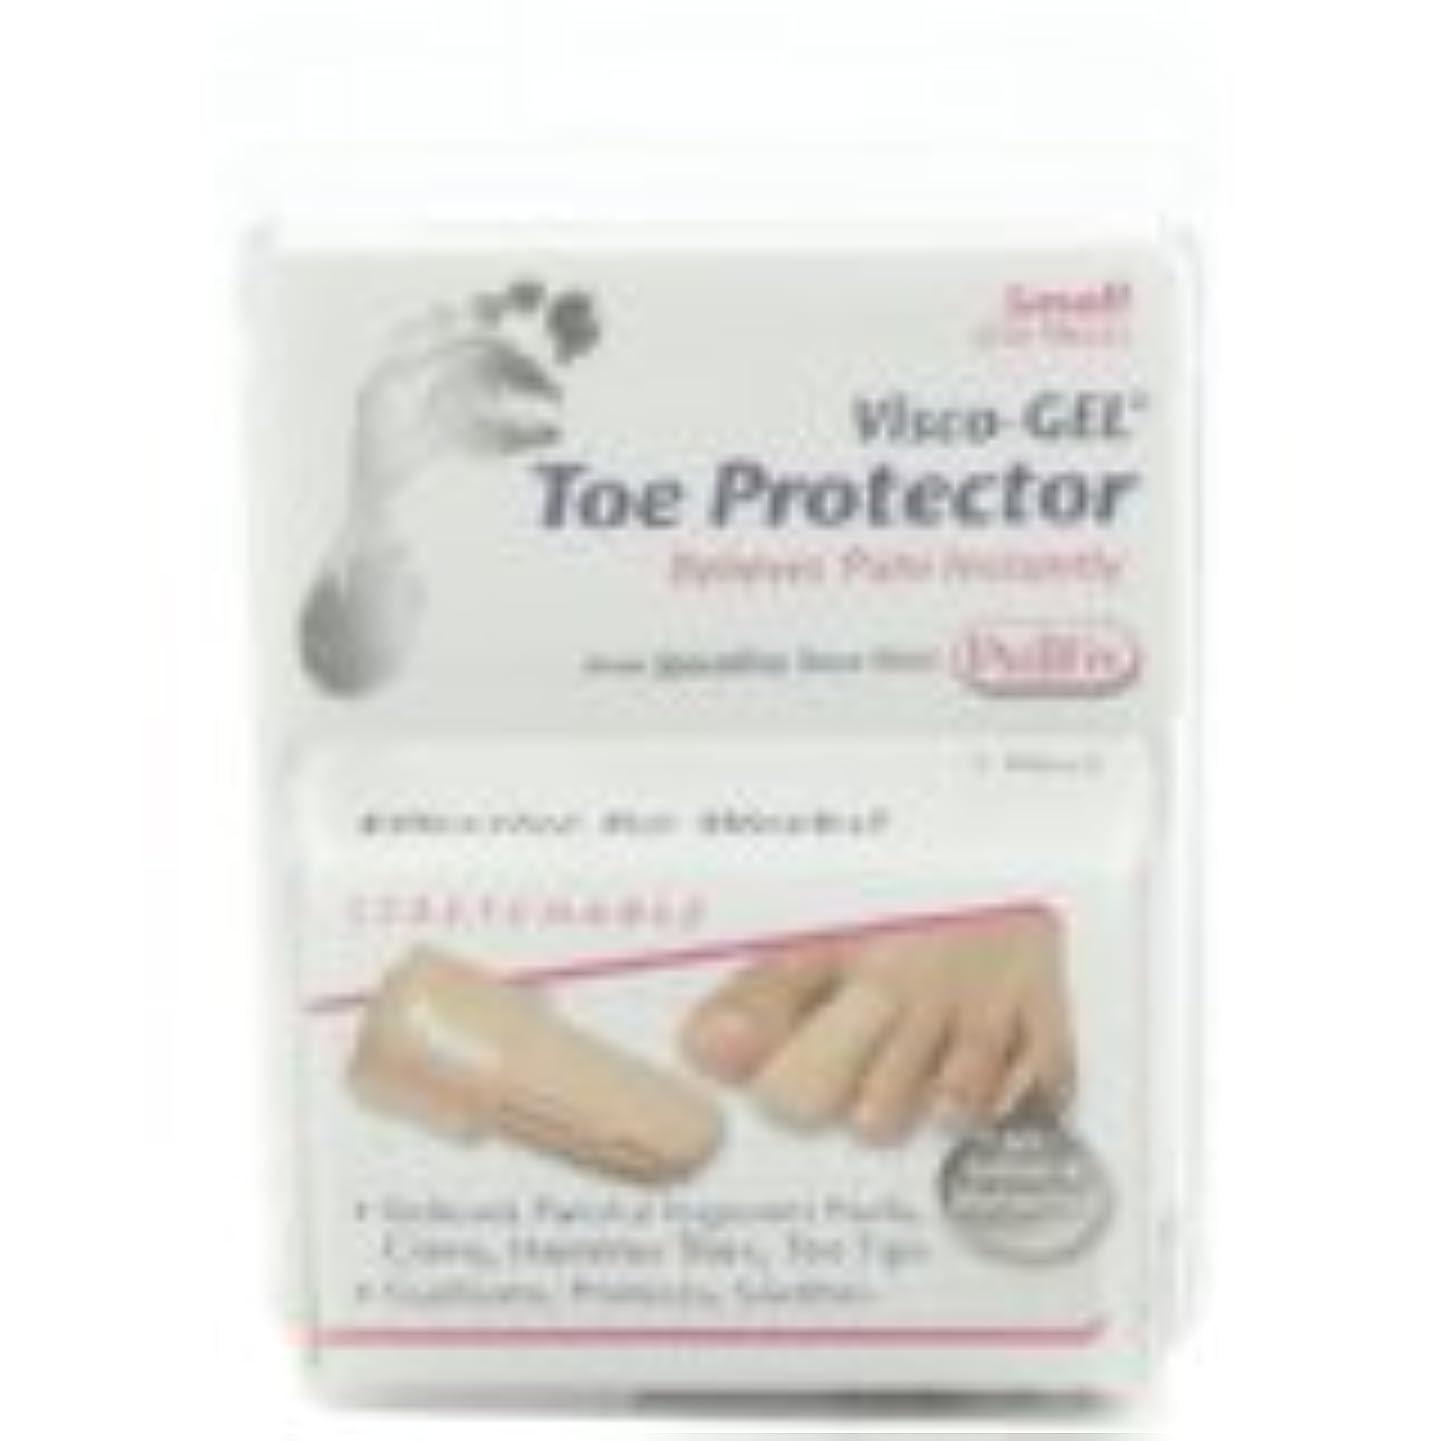 白雪姫旅客専門化する足指保護キャップ 伸縮性リブ織り生地製(P82-XL)